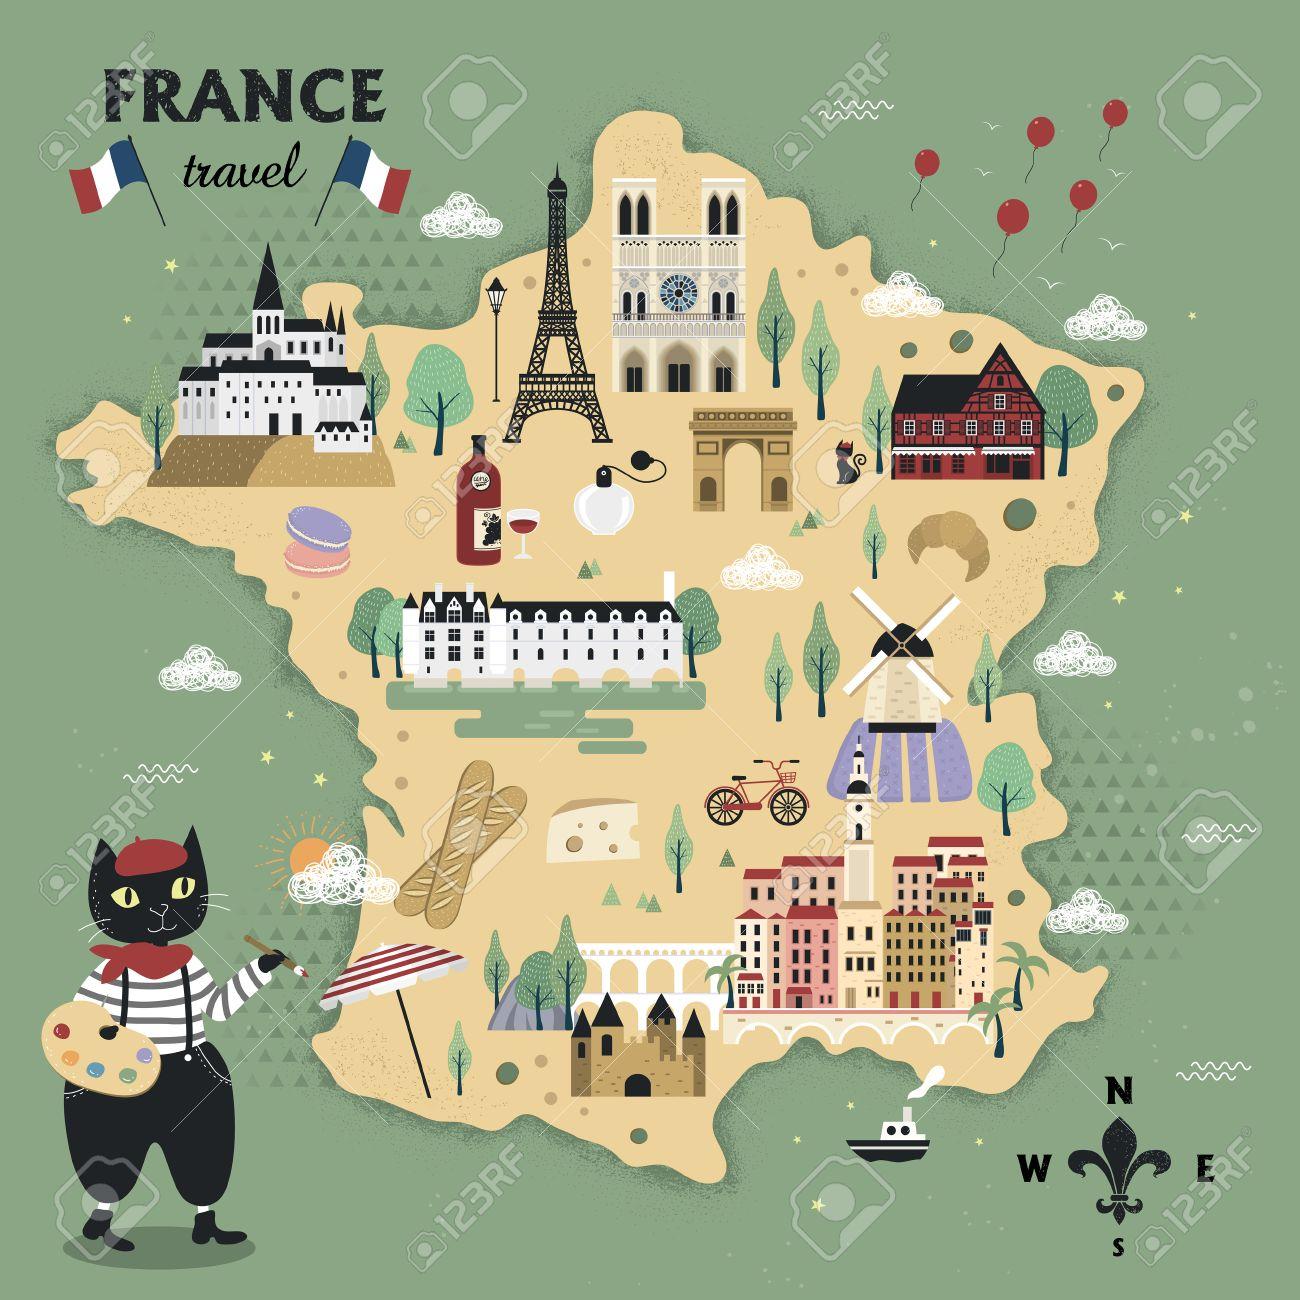 Mapa Turistico De Francia.Diseno De Mapa De Francia Adorable Con Los Gatos Y Los Lugares De Interes Turistico